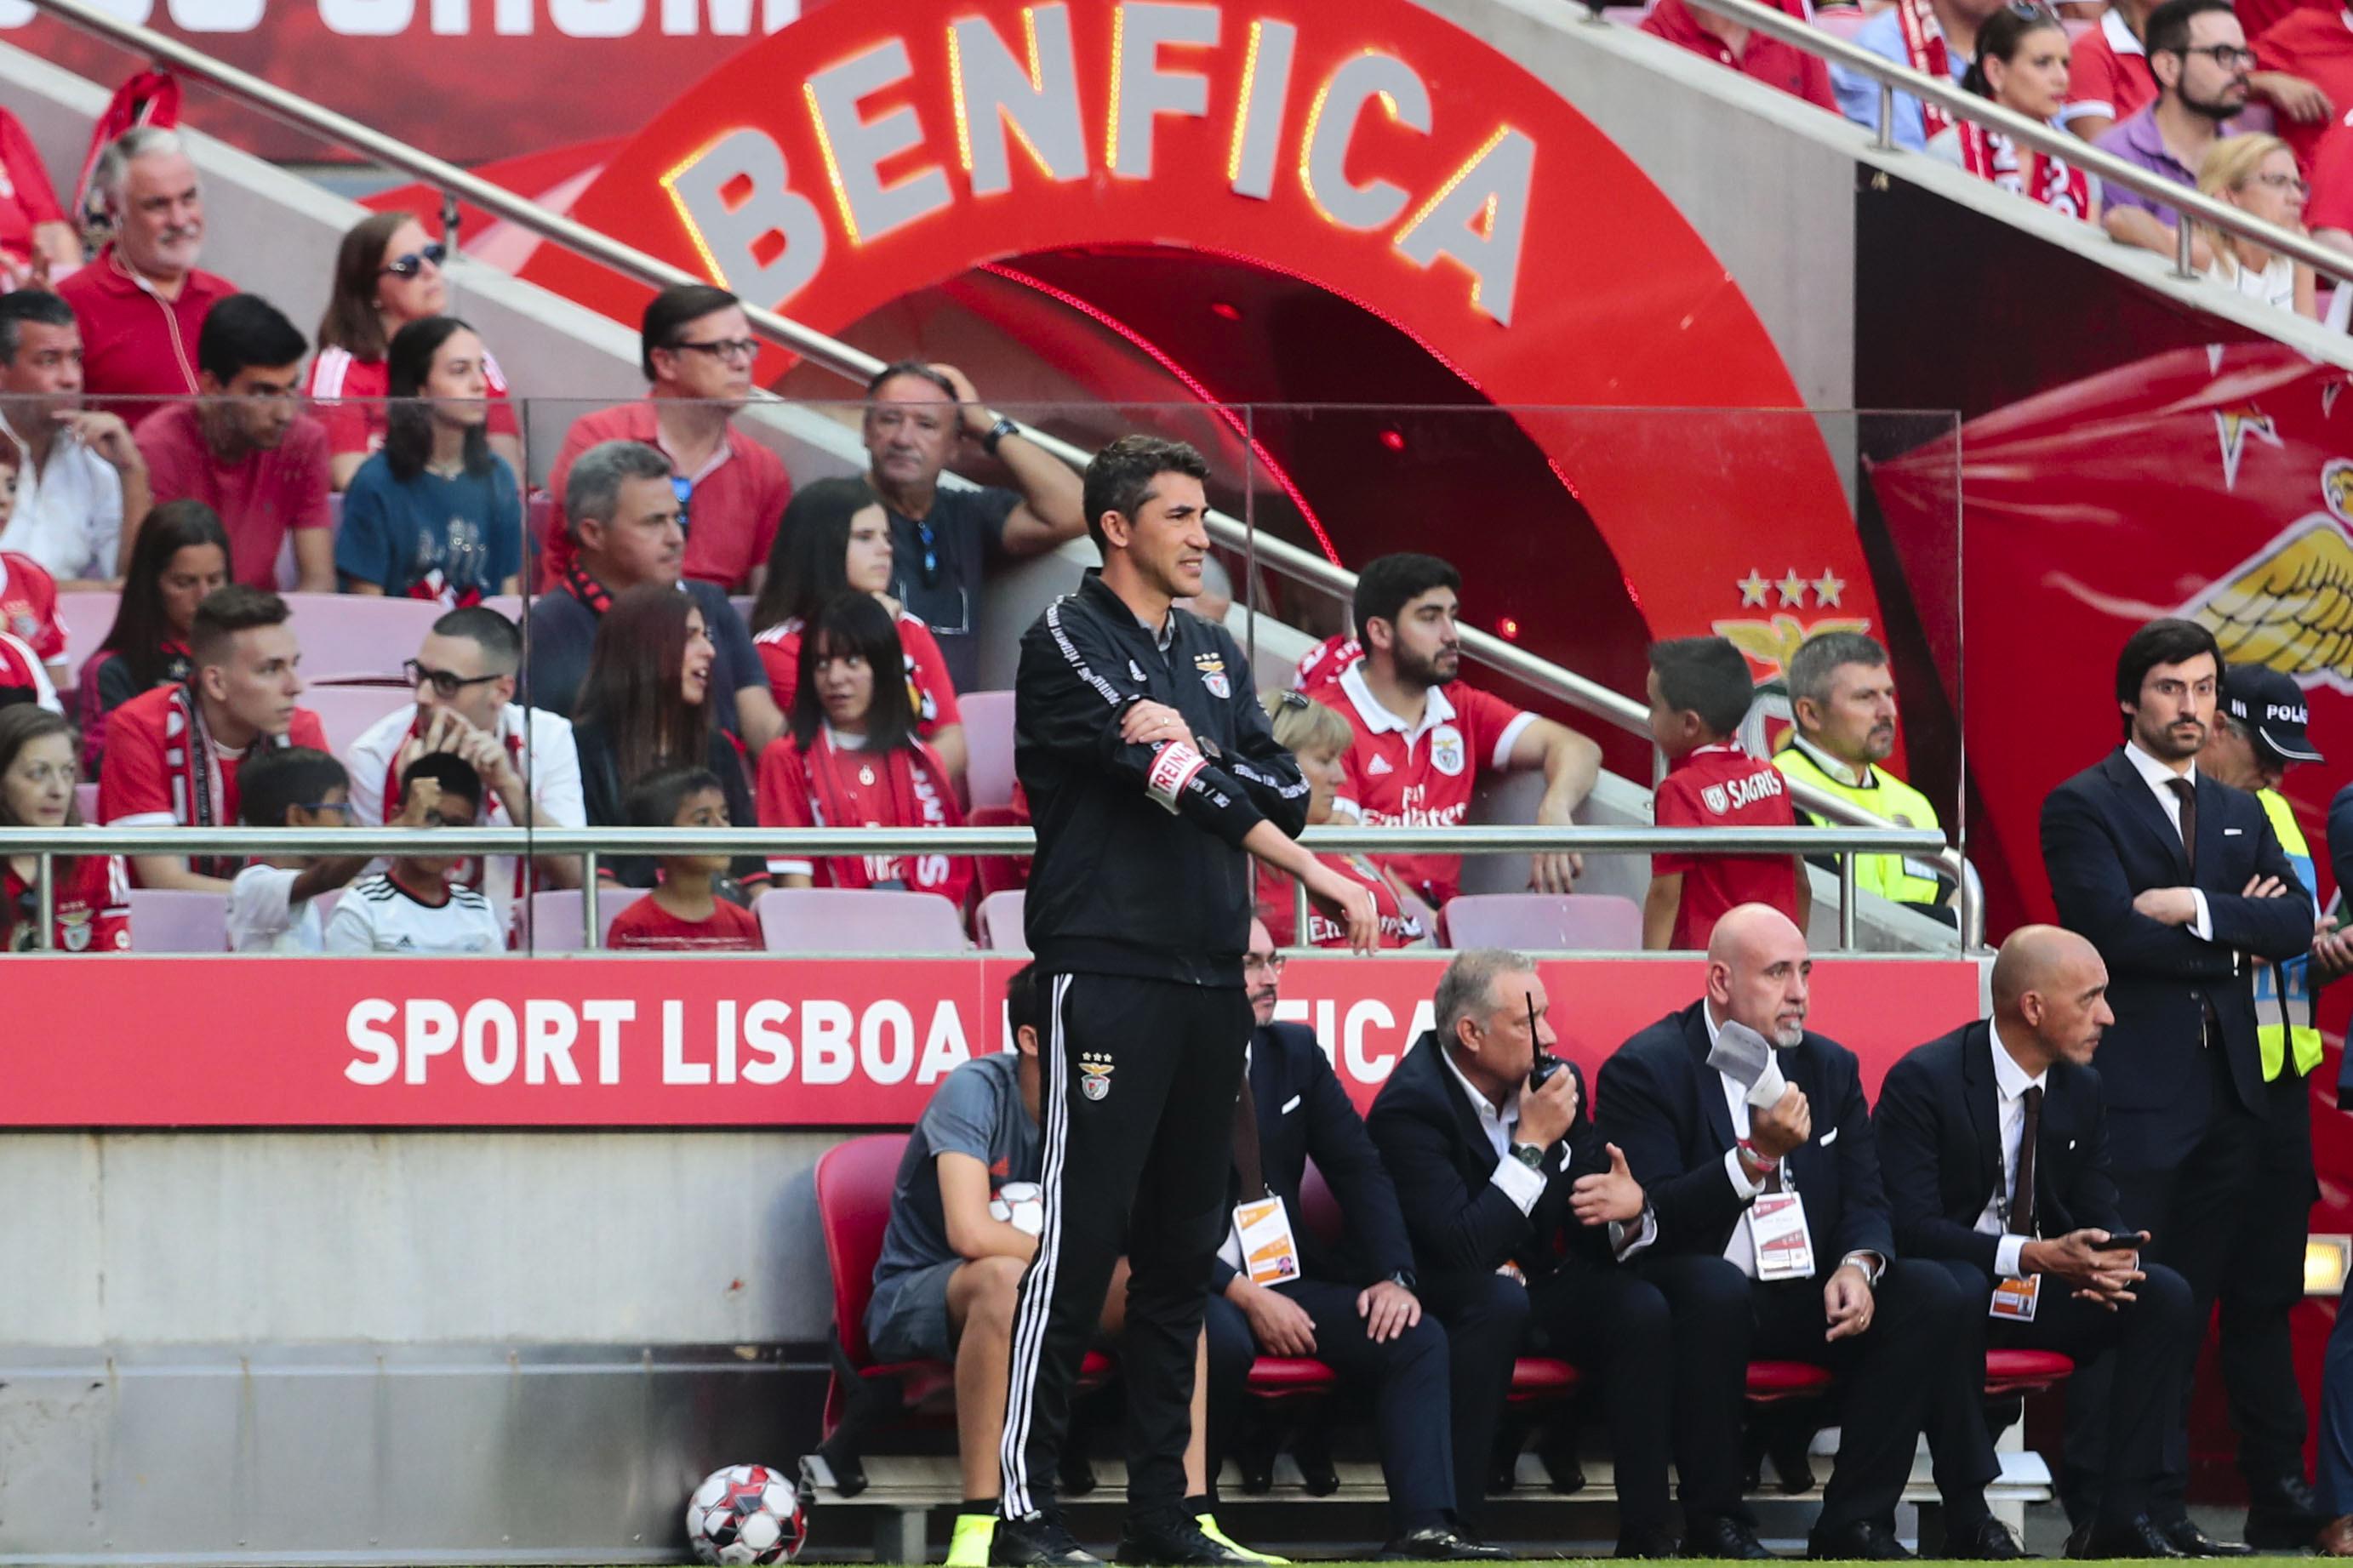 Bruno Lage bate Mourinho e Ronaldo e vence prémio de liderança. João Félix também premiado